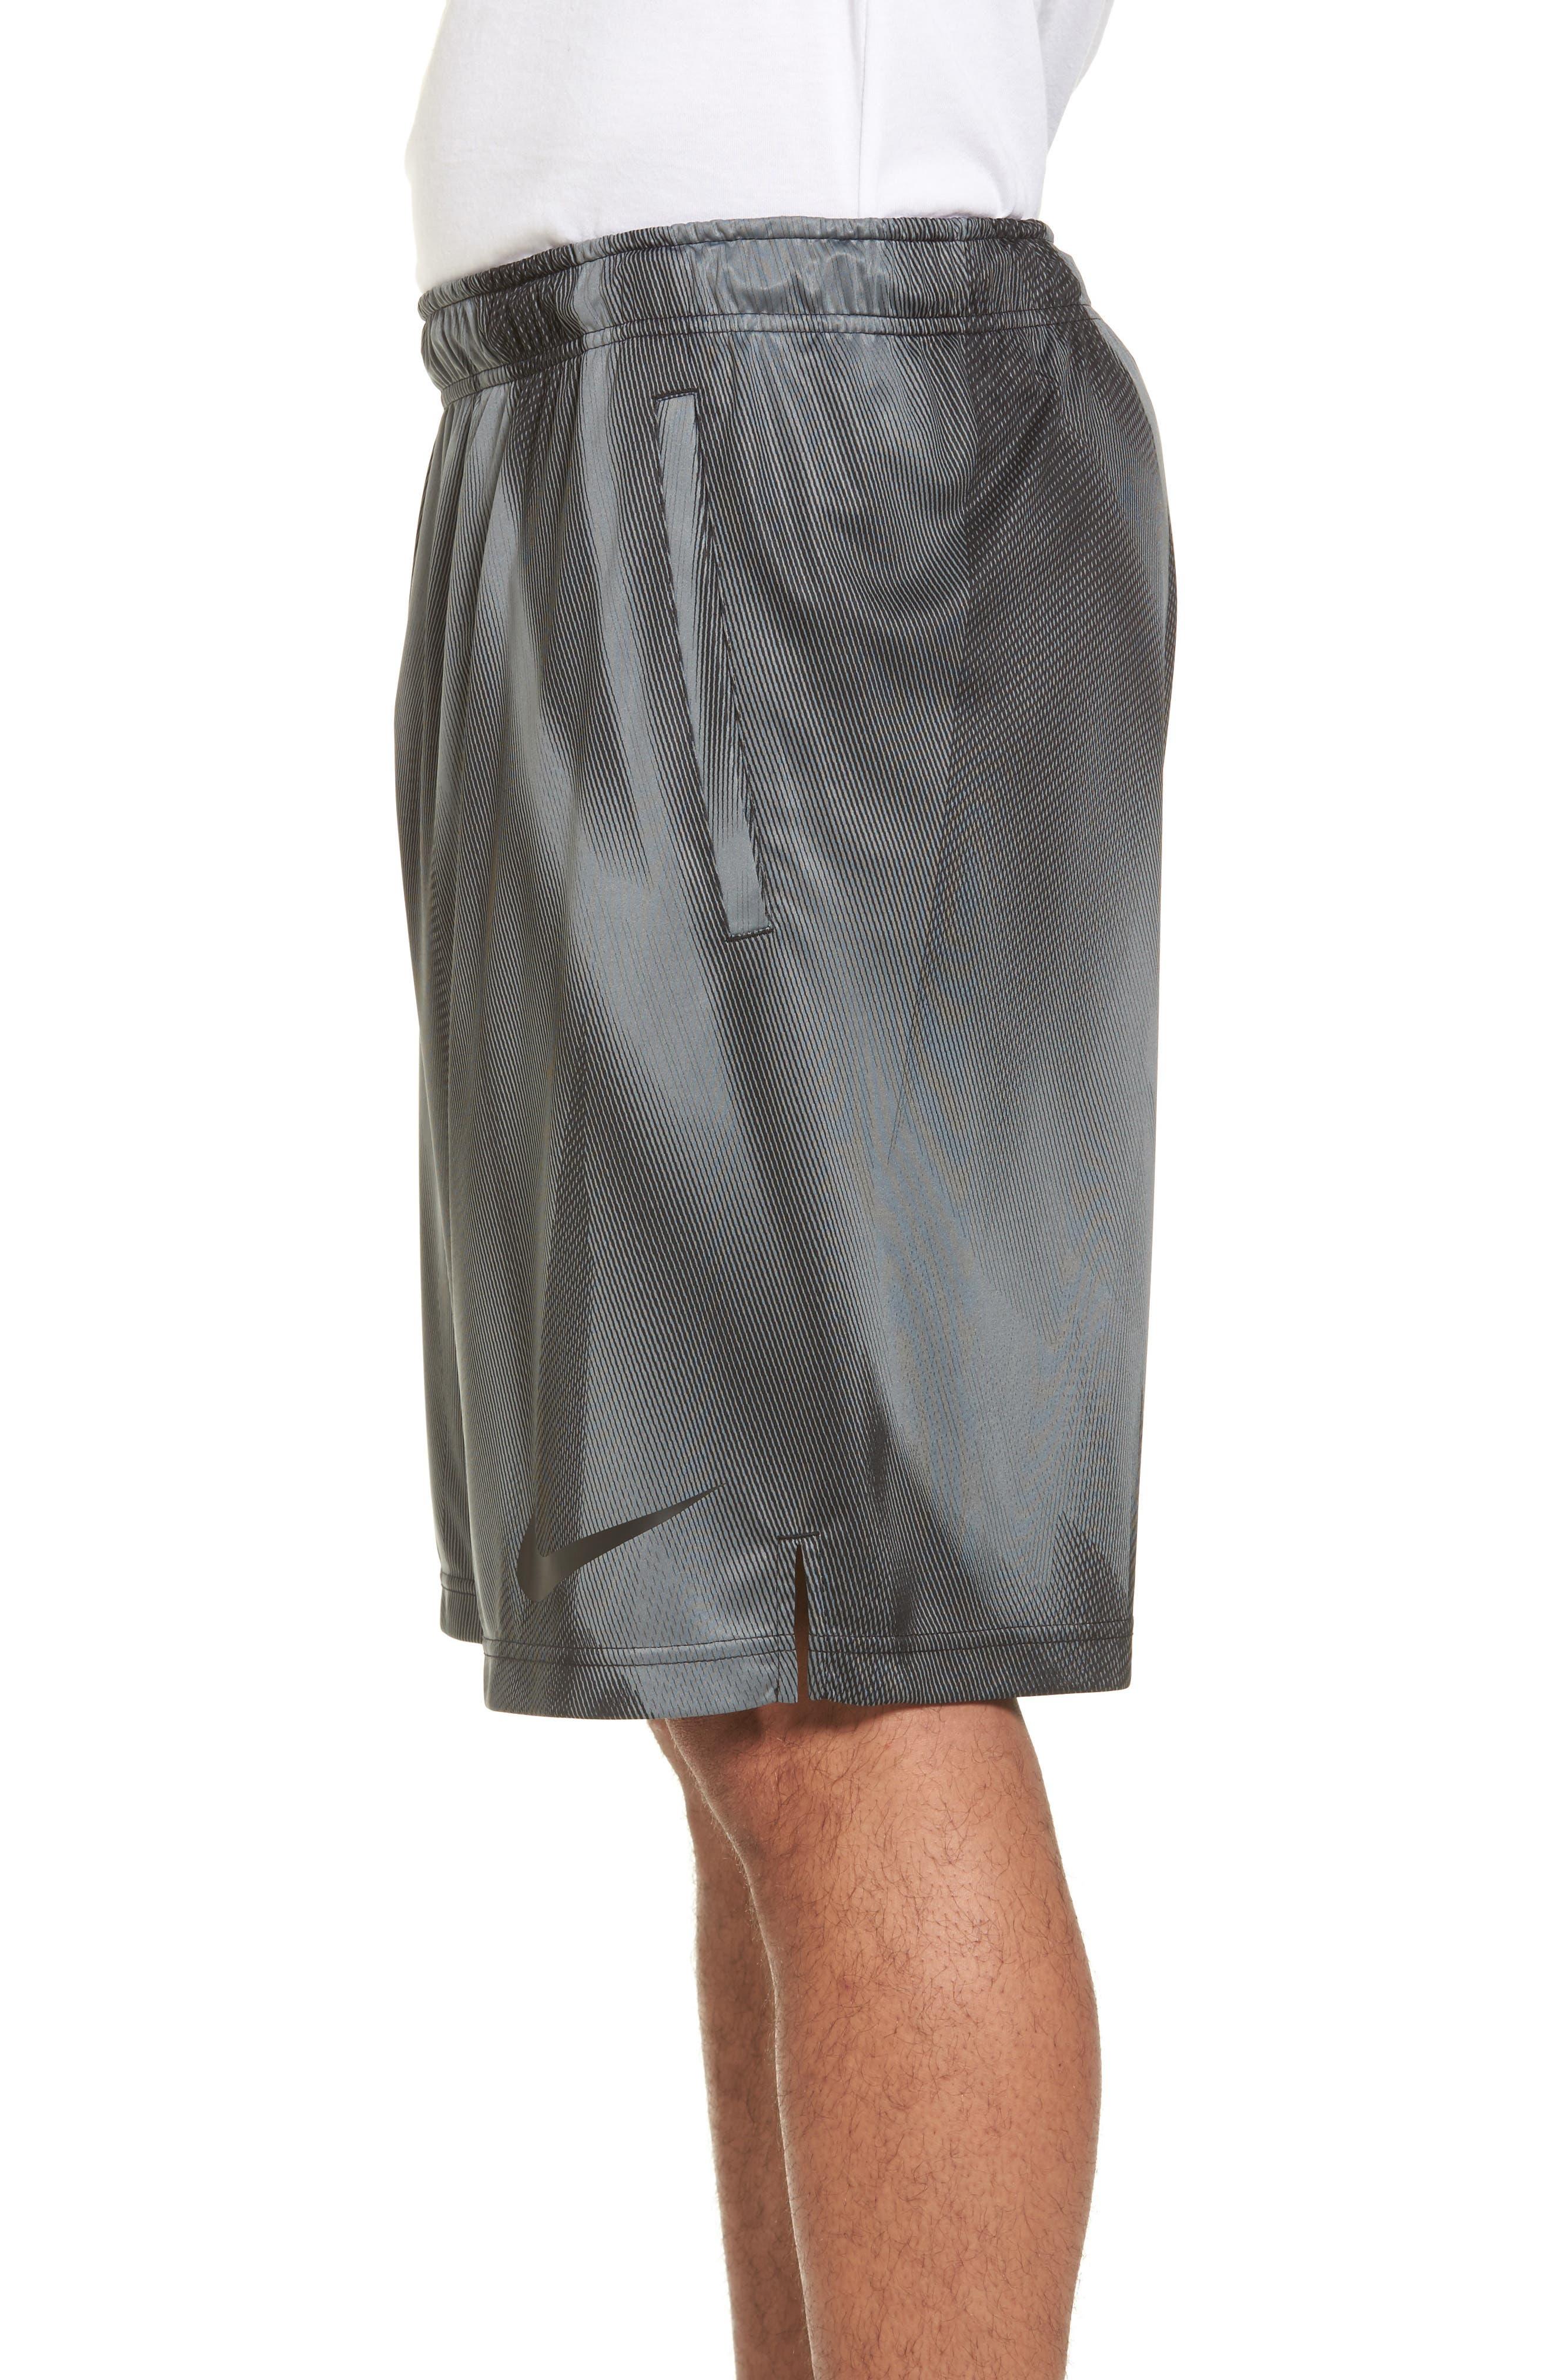 Dry Training Shorts,                             Alternate thumbnail 3, color,                             Black/ Black